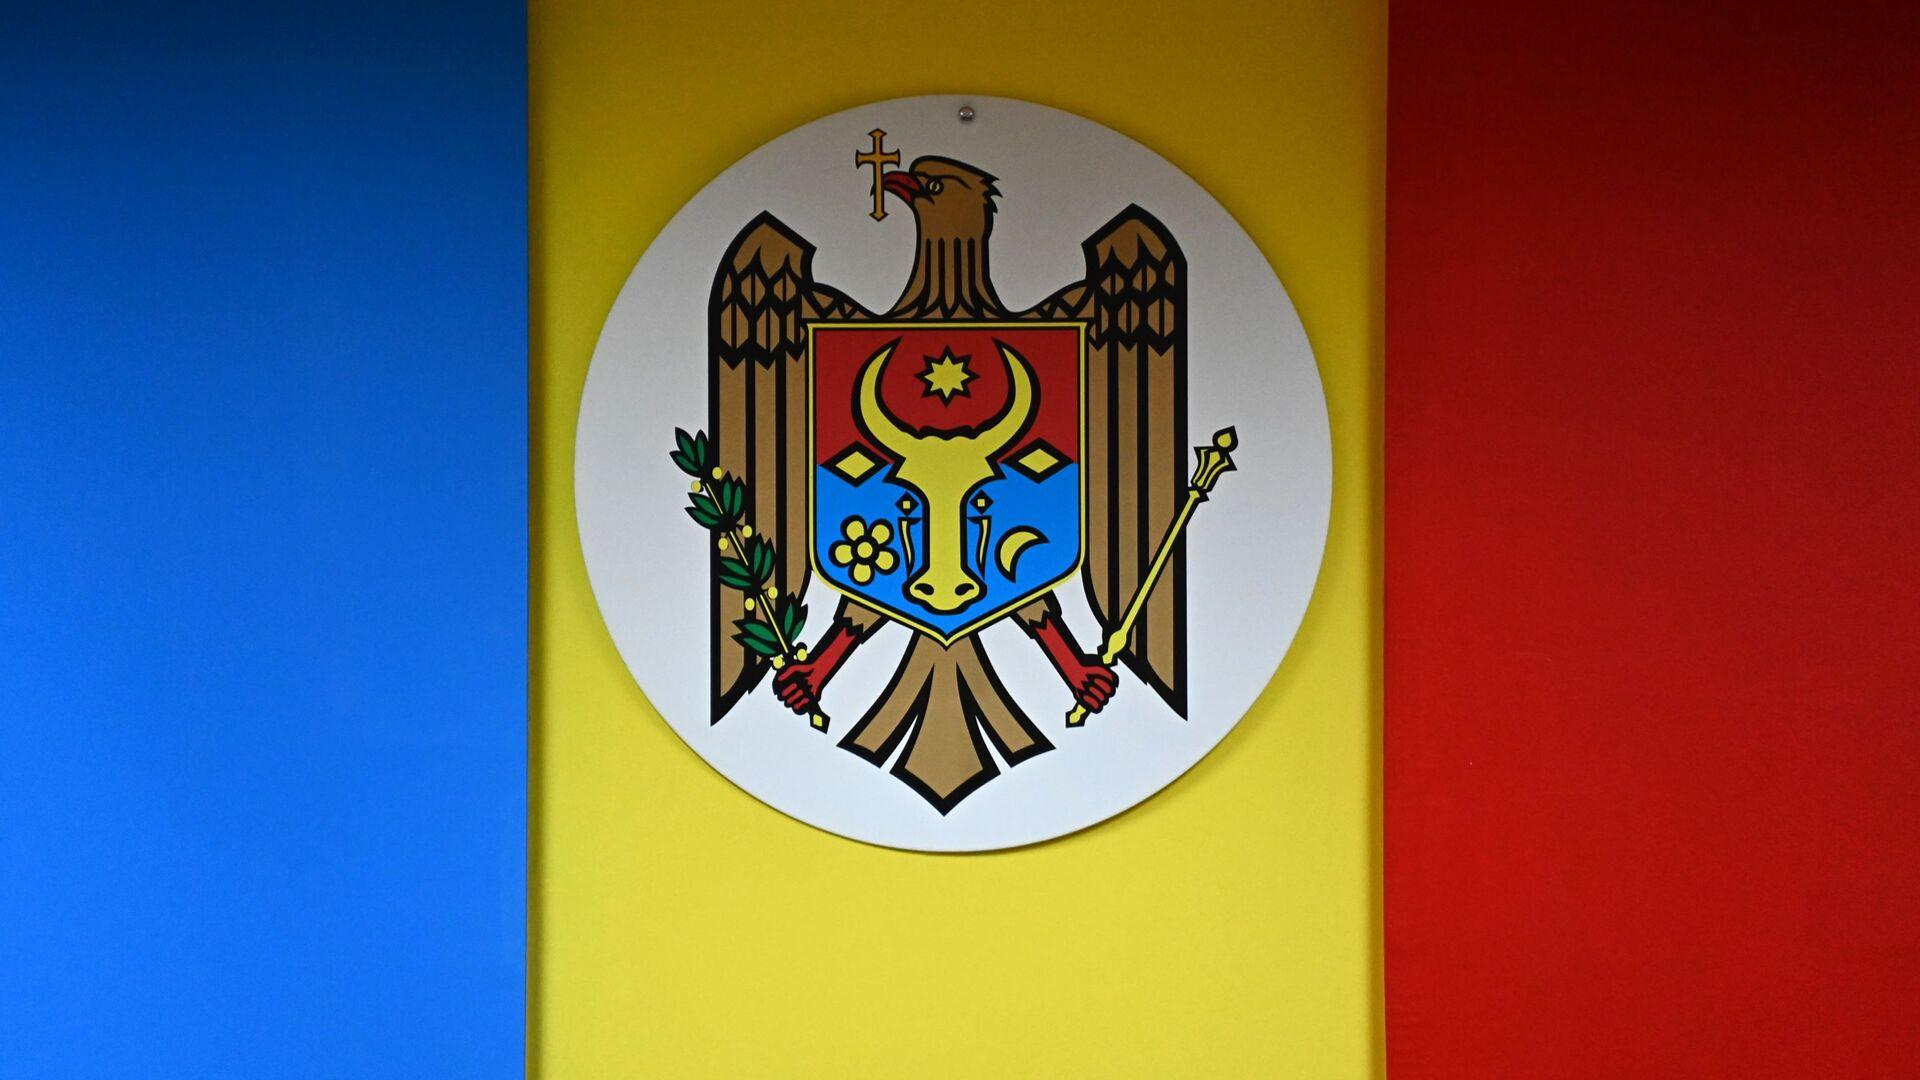 Bandera de Moldavia - Sputnik Mundo, 1920, 06.08.2021